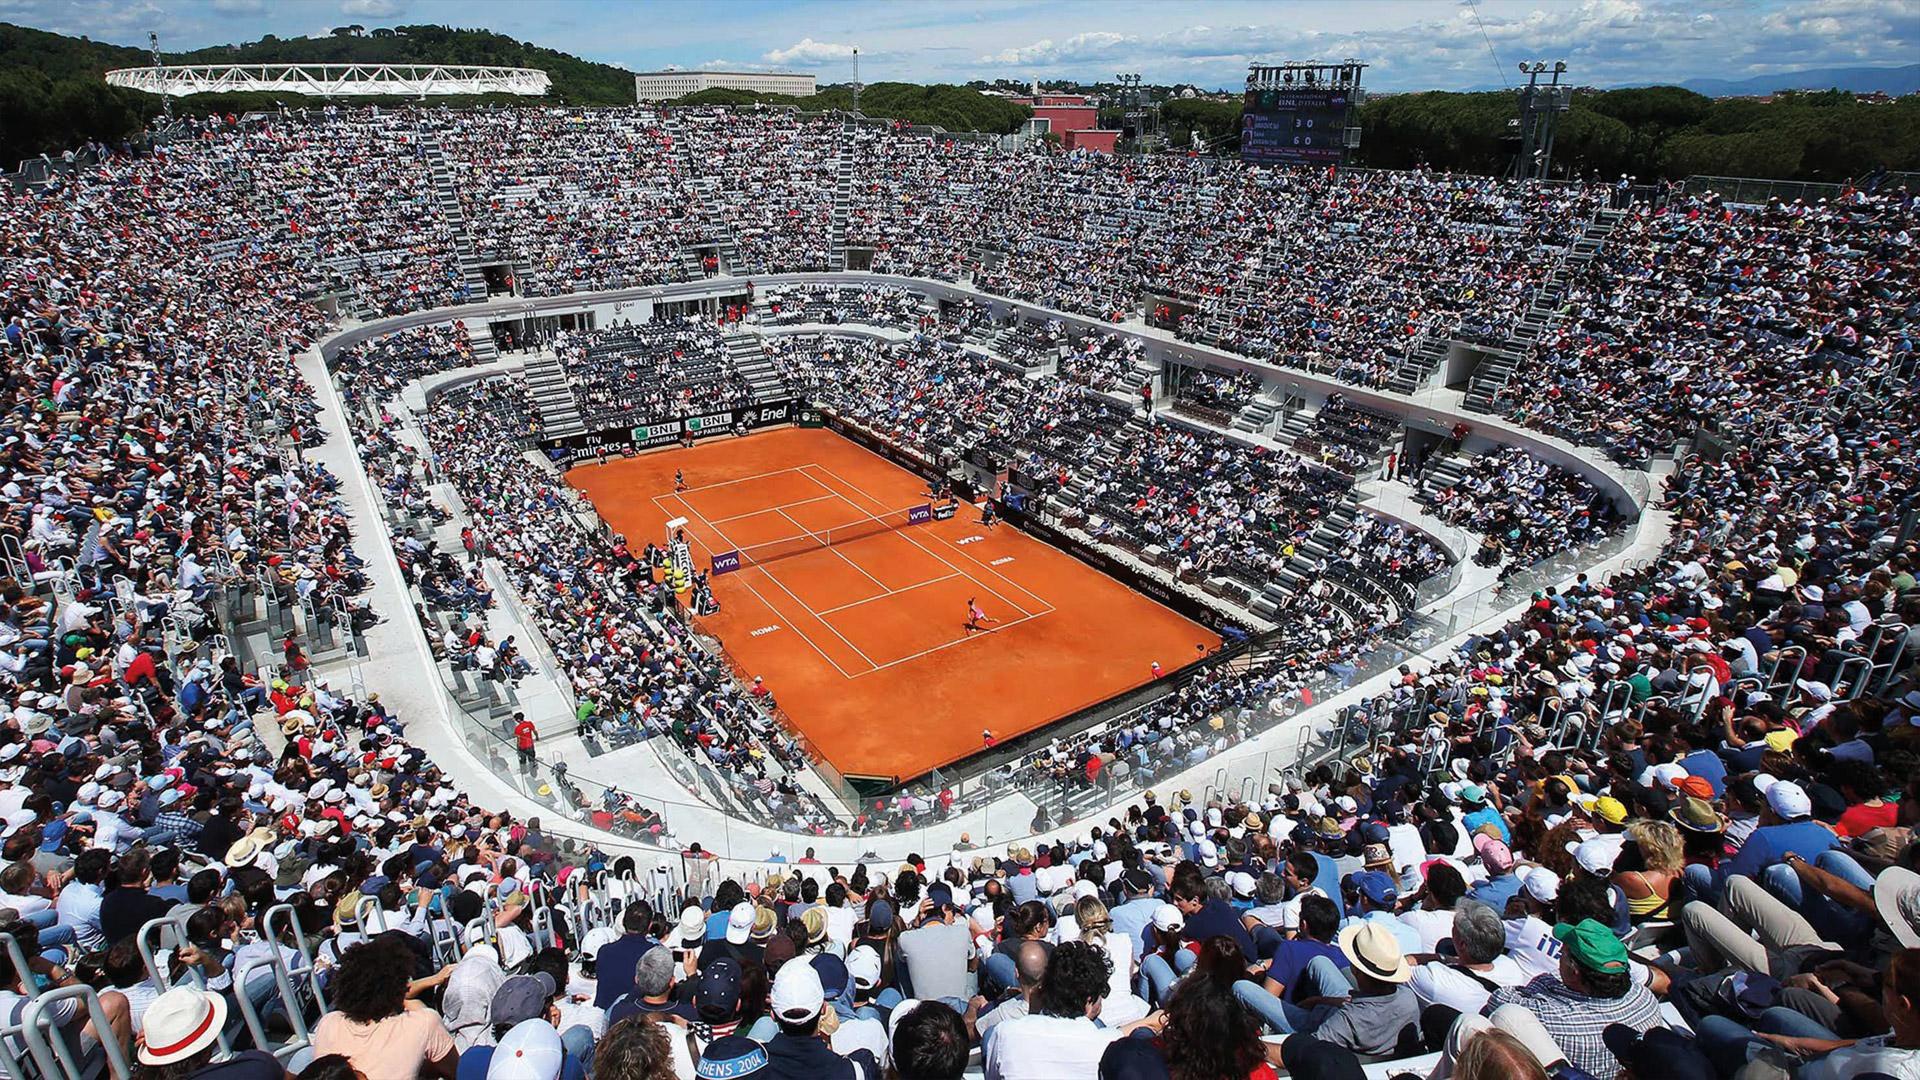 stadio-centrale-del-tennis-roma-partita